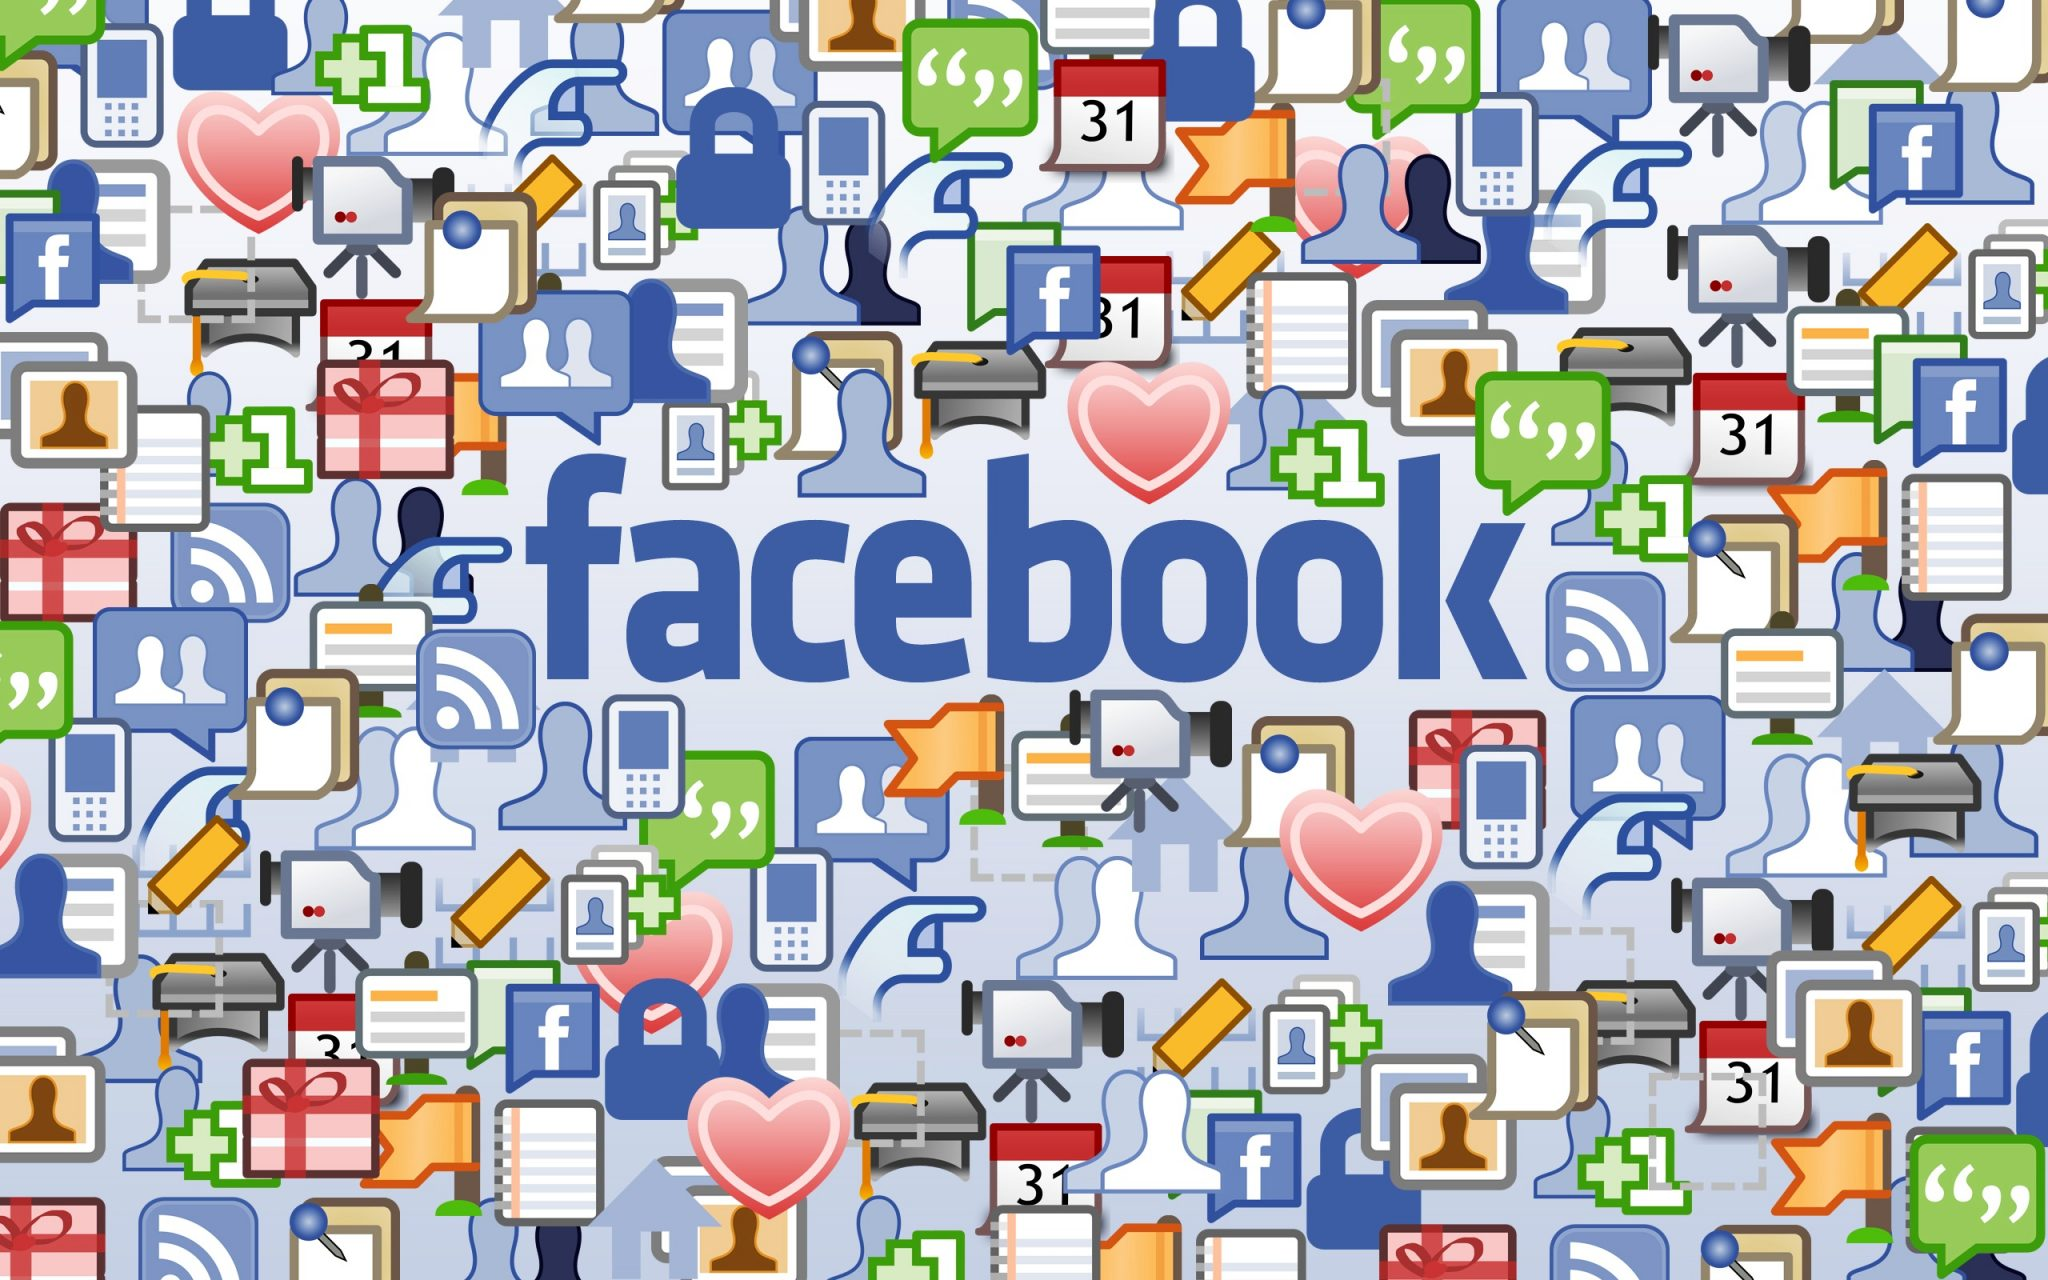 Facebook намерен инвестировать $1 млрд на поддержку индустрии новостей